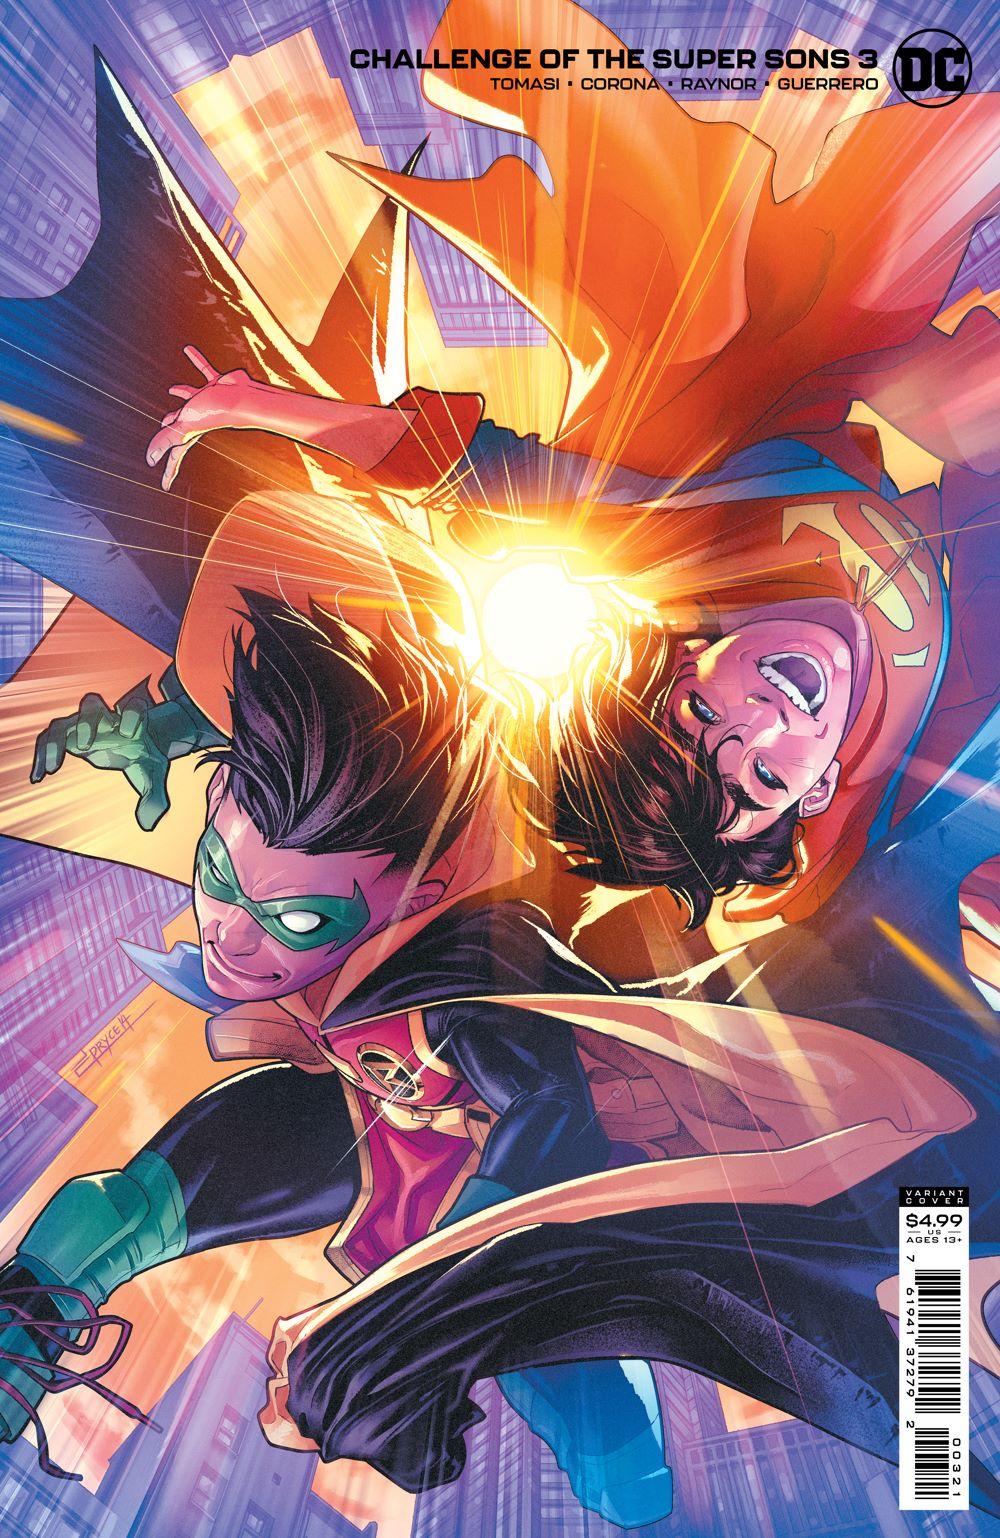 COTSuperSons_Cv3_var DC Comics June 2021 Solicitations